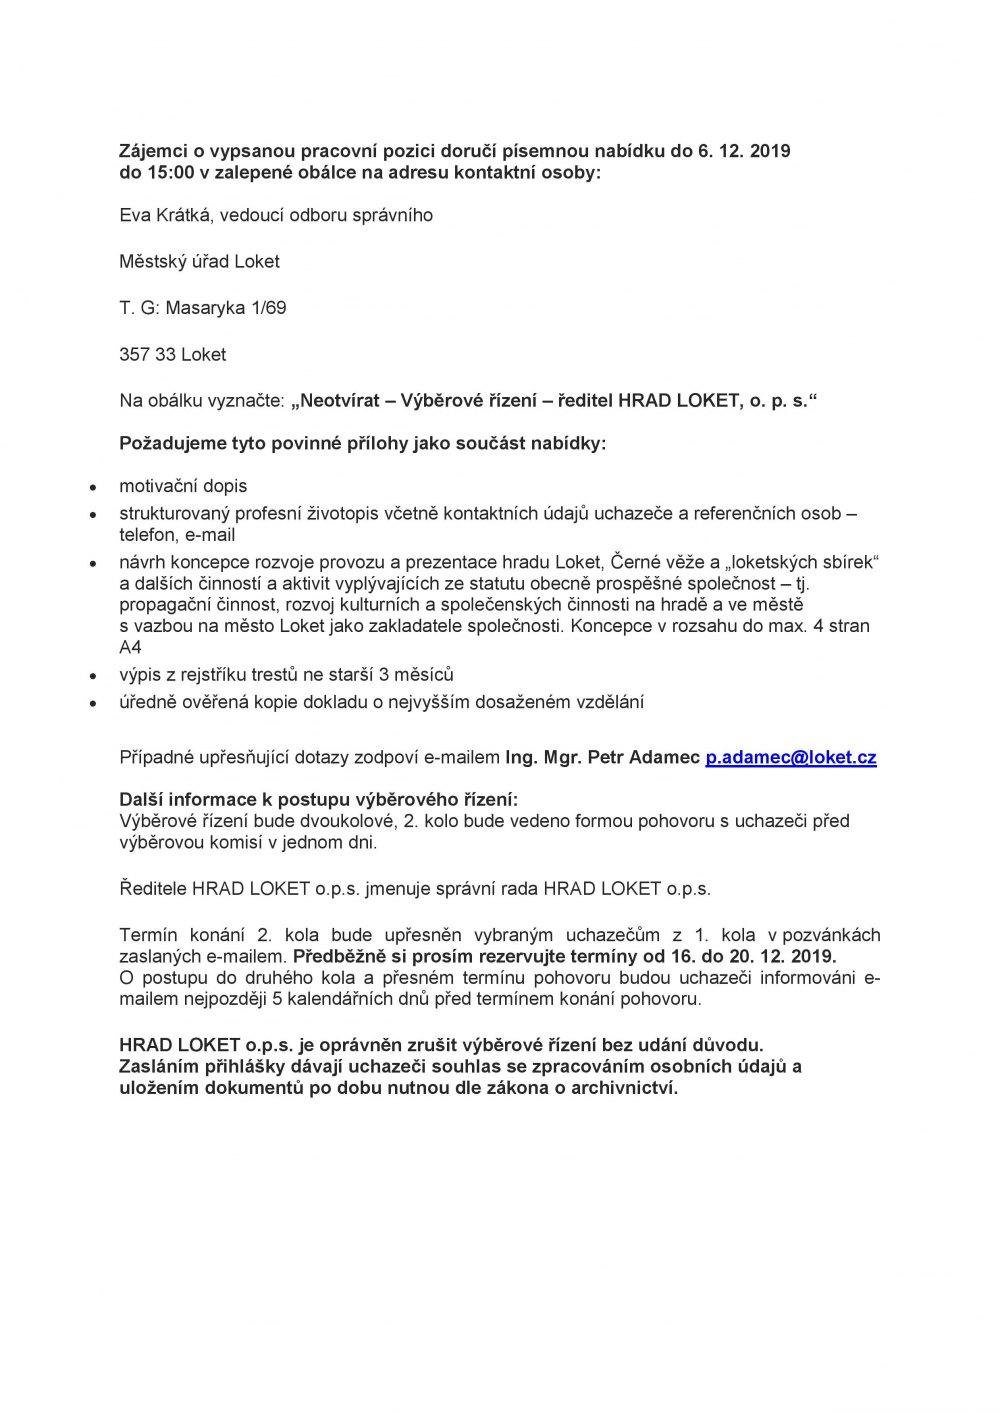 Správní rada o.p.s. HRAD LOKET vypisuje výběrové řízení na pozici ředitele obecně prospěšné společnosti HRAD LOKET o.p.s.